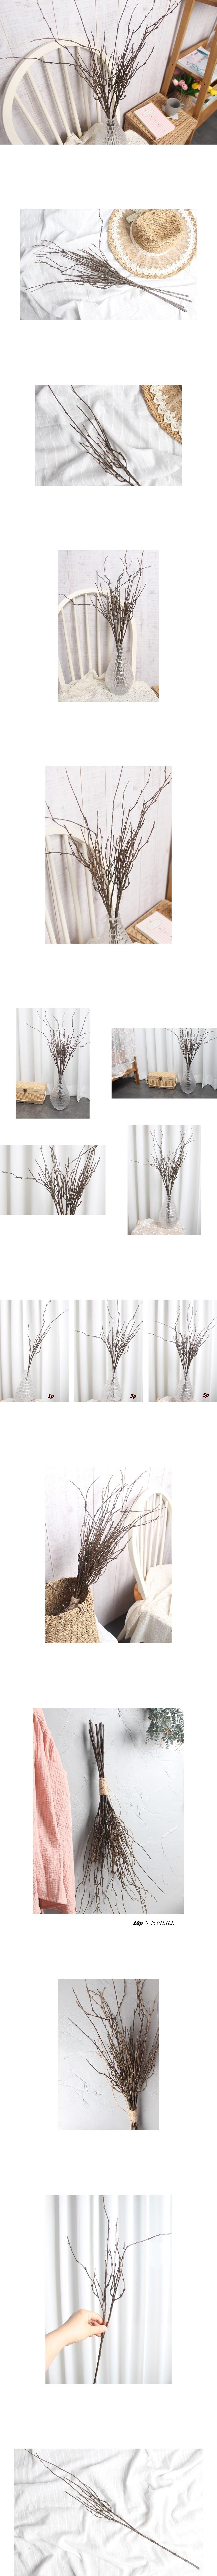 브라운 슬림 나무가지 조화(2type) - 꾸미까, 2,800원, 조화, 부쉬